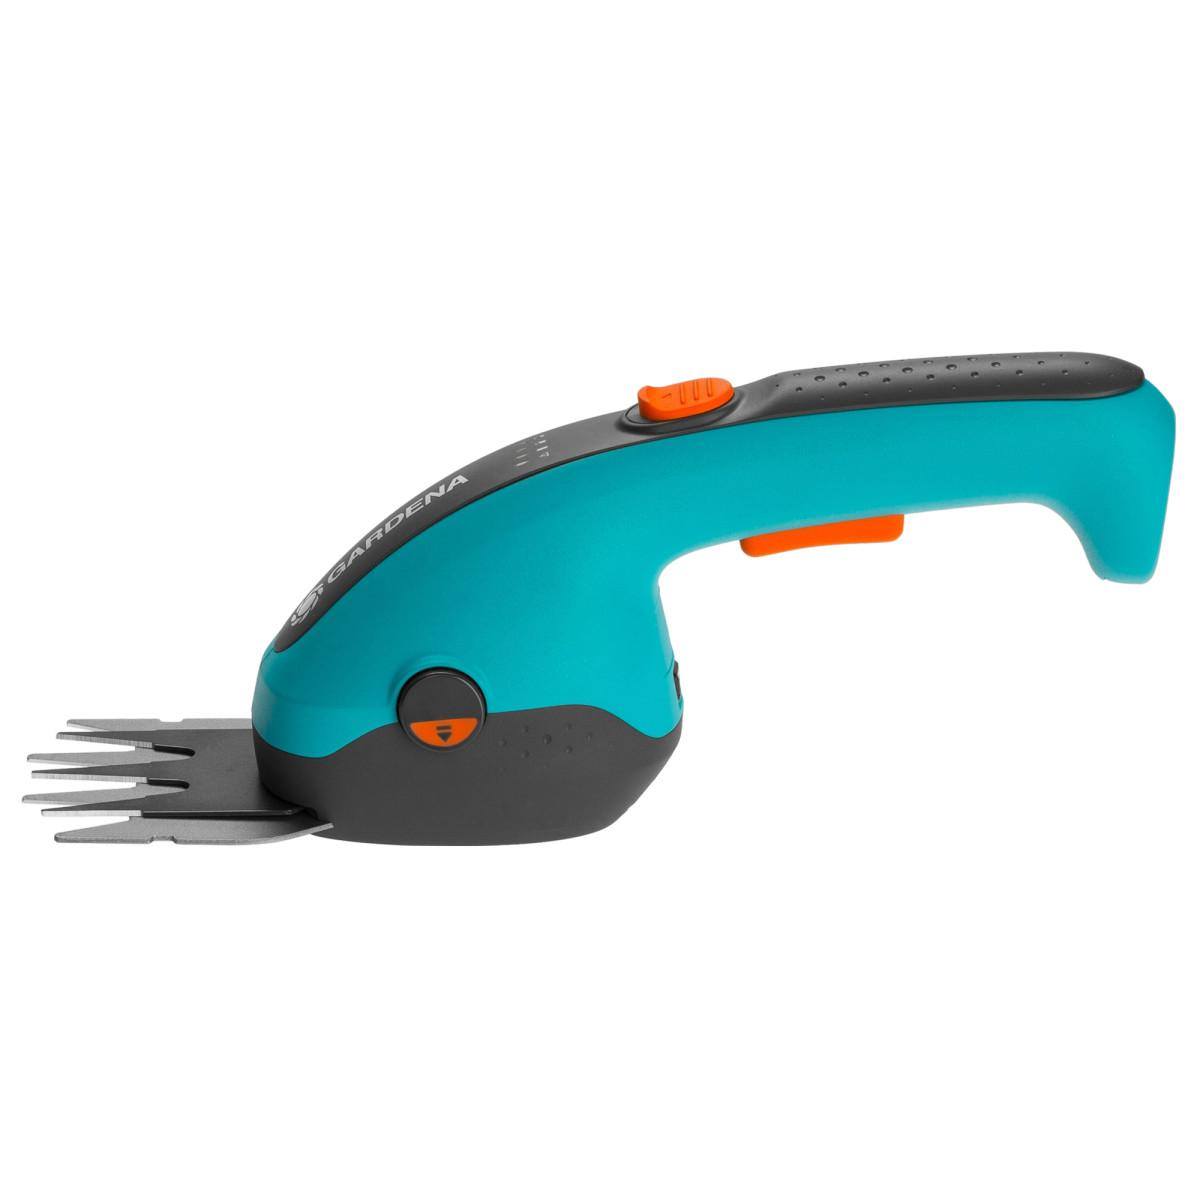 Ножницы для травы аккумуляторные Gardena ClassicCut Li 09853-20.000.00